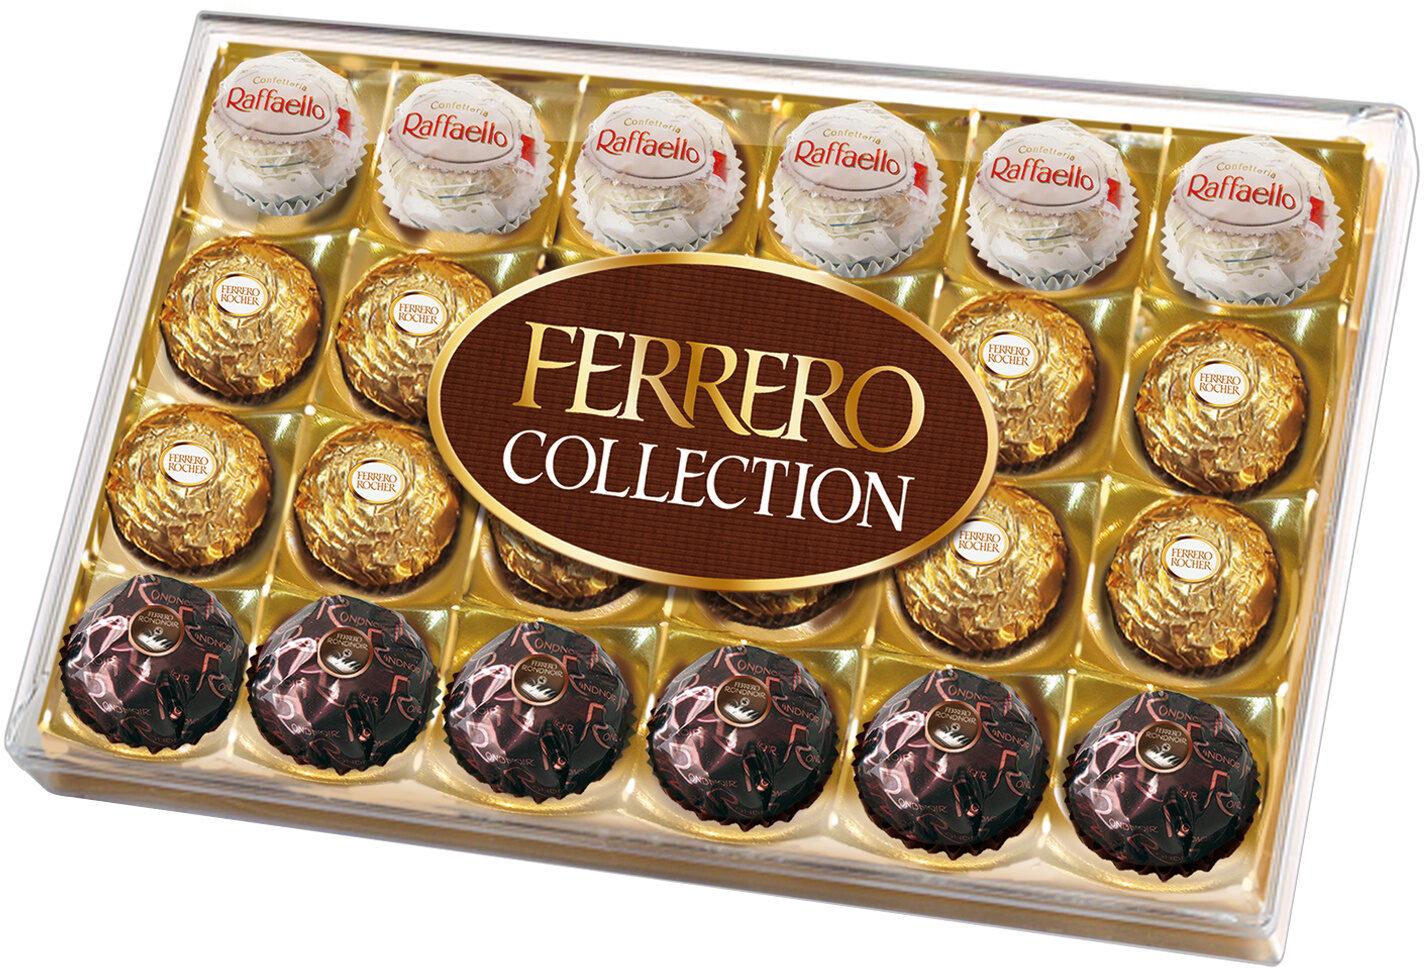 Ferrero collection assortiment de chocolats boite de 24 pieces - Produit - fr